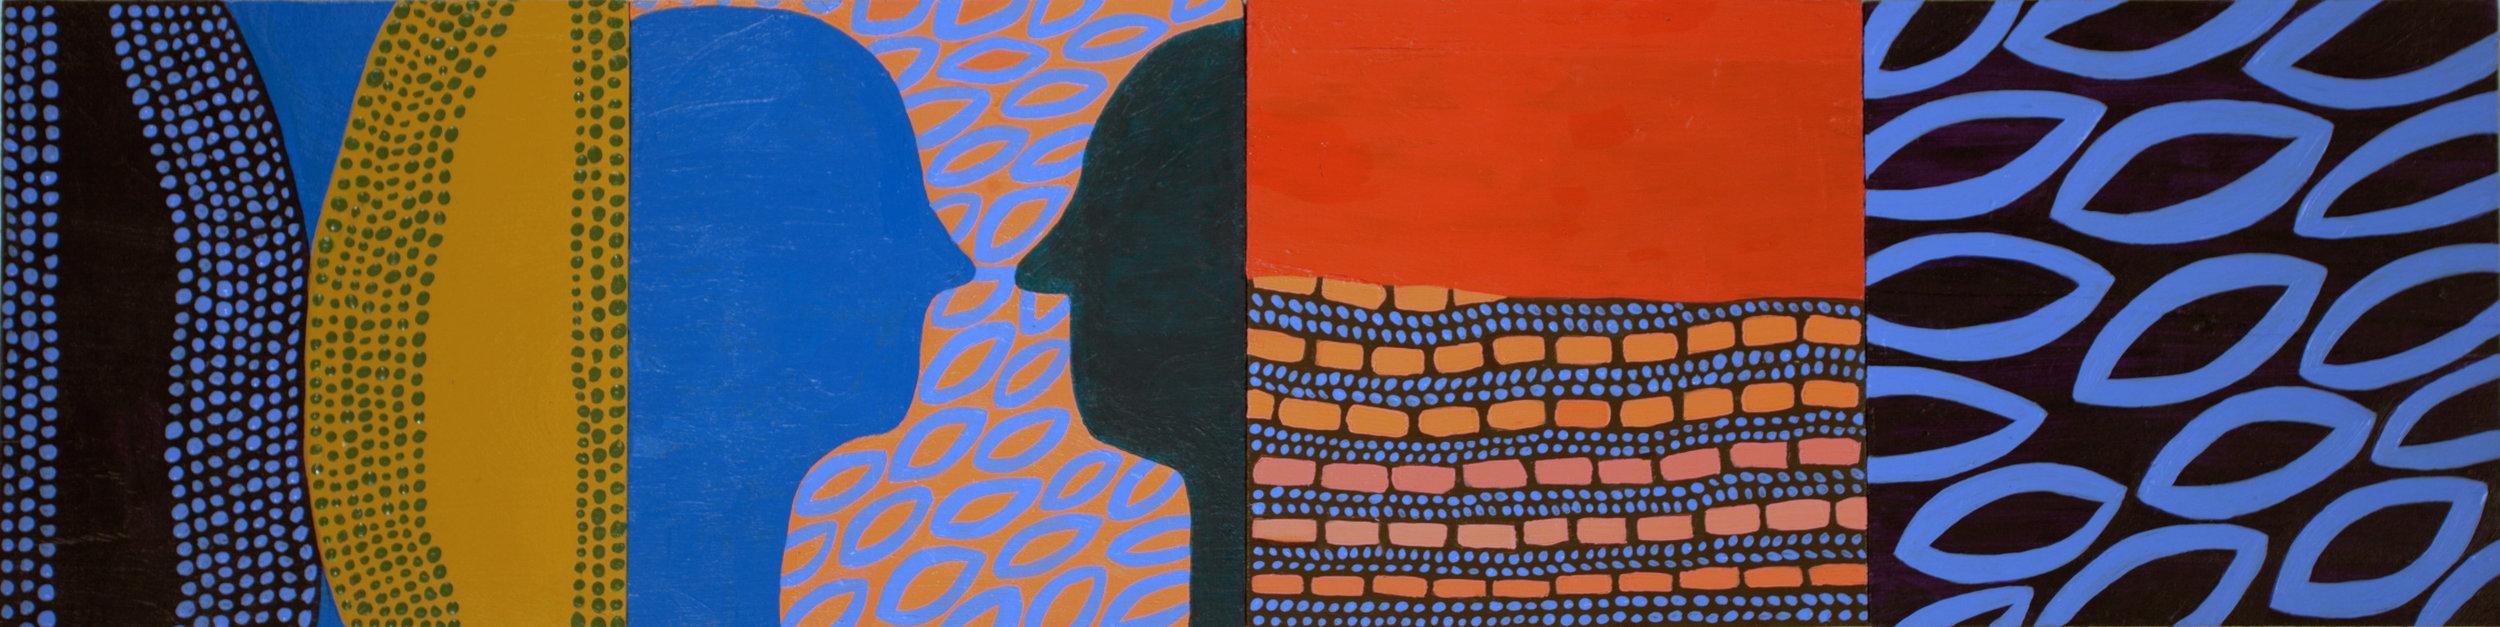 Pattern People by Hallie Rae Ward.jpg